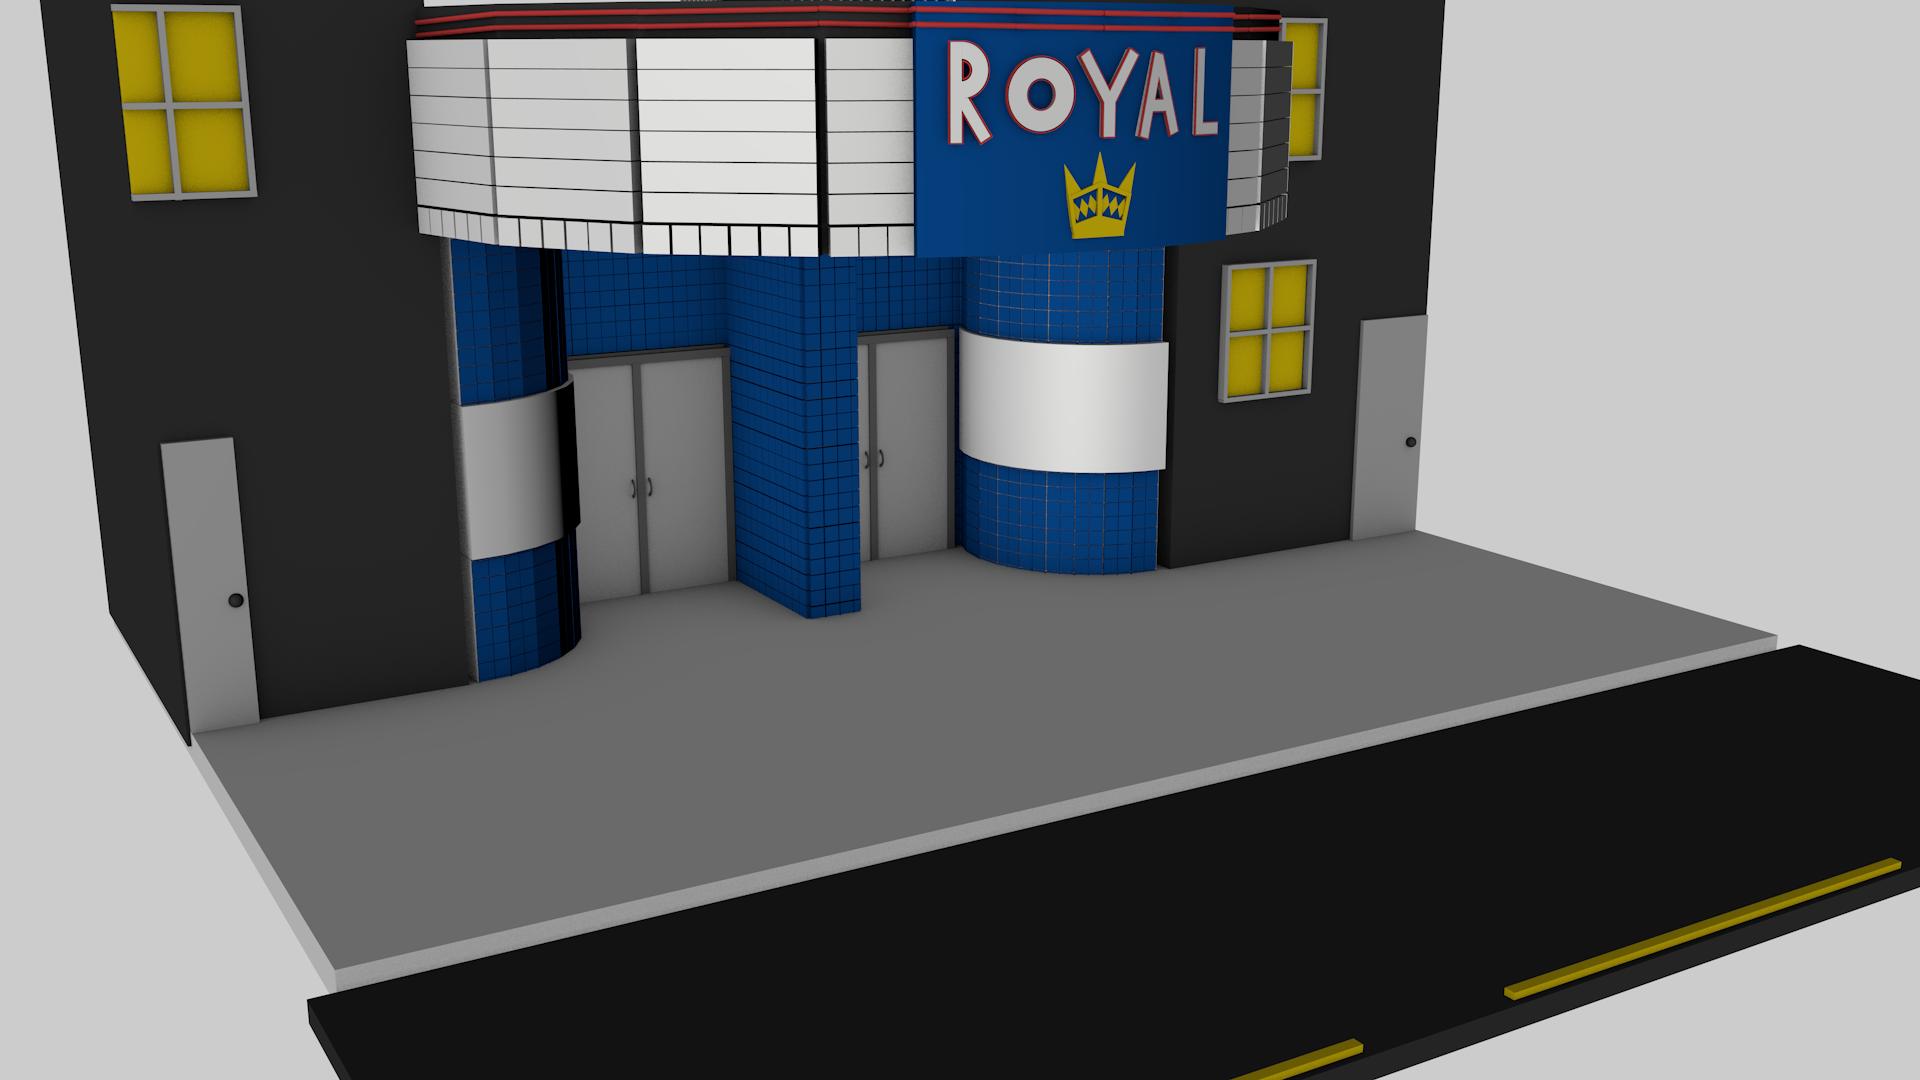 The Royal 2